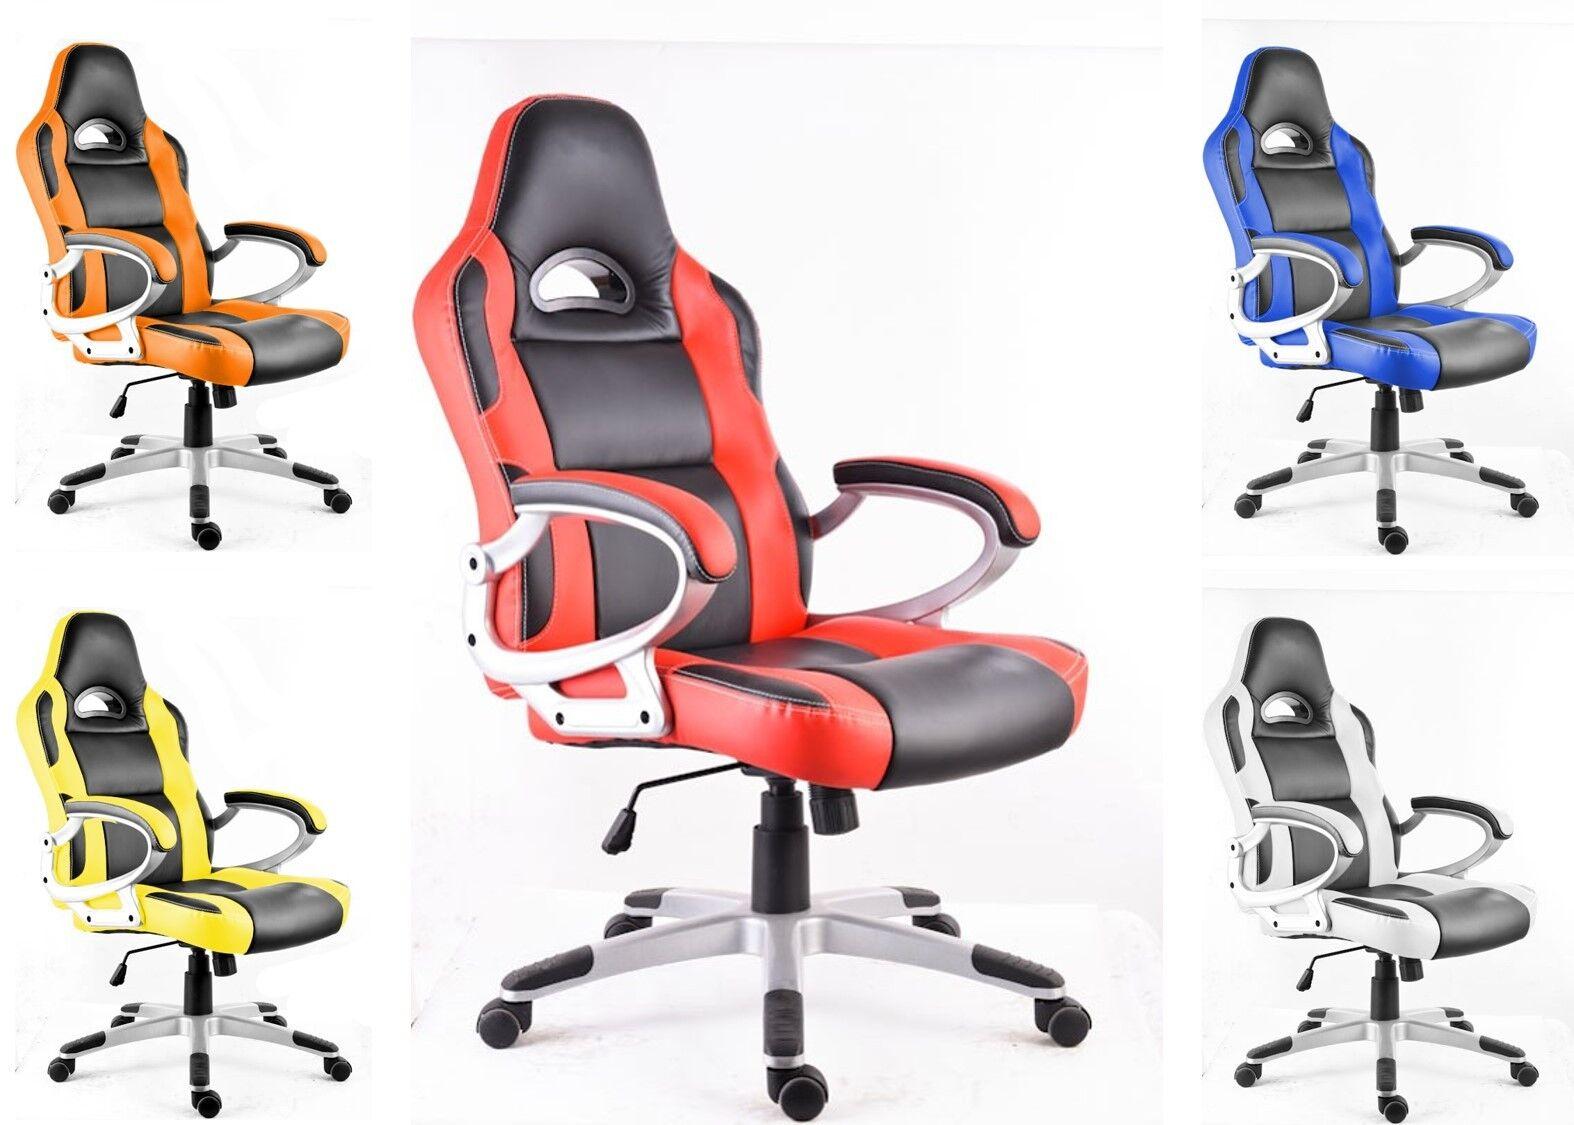 MON Poltrona sedia per ufficio presidenziale studio x pc scrivania gaming racing